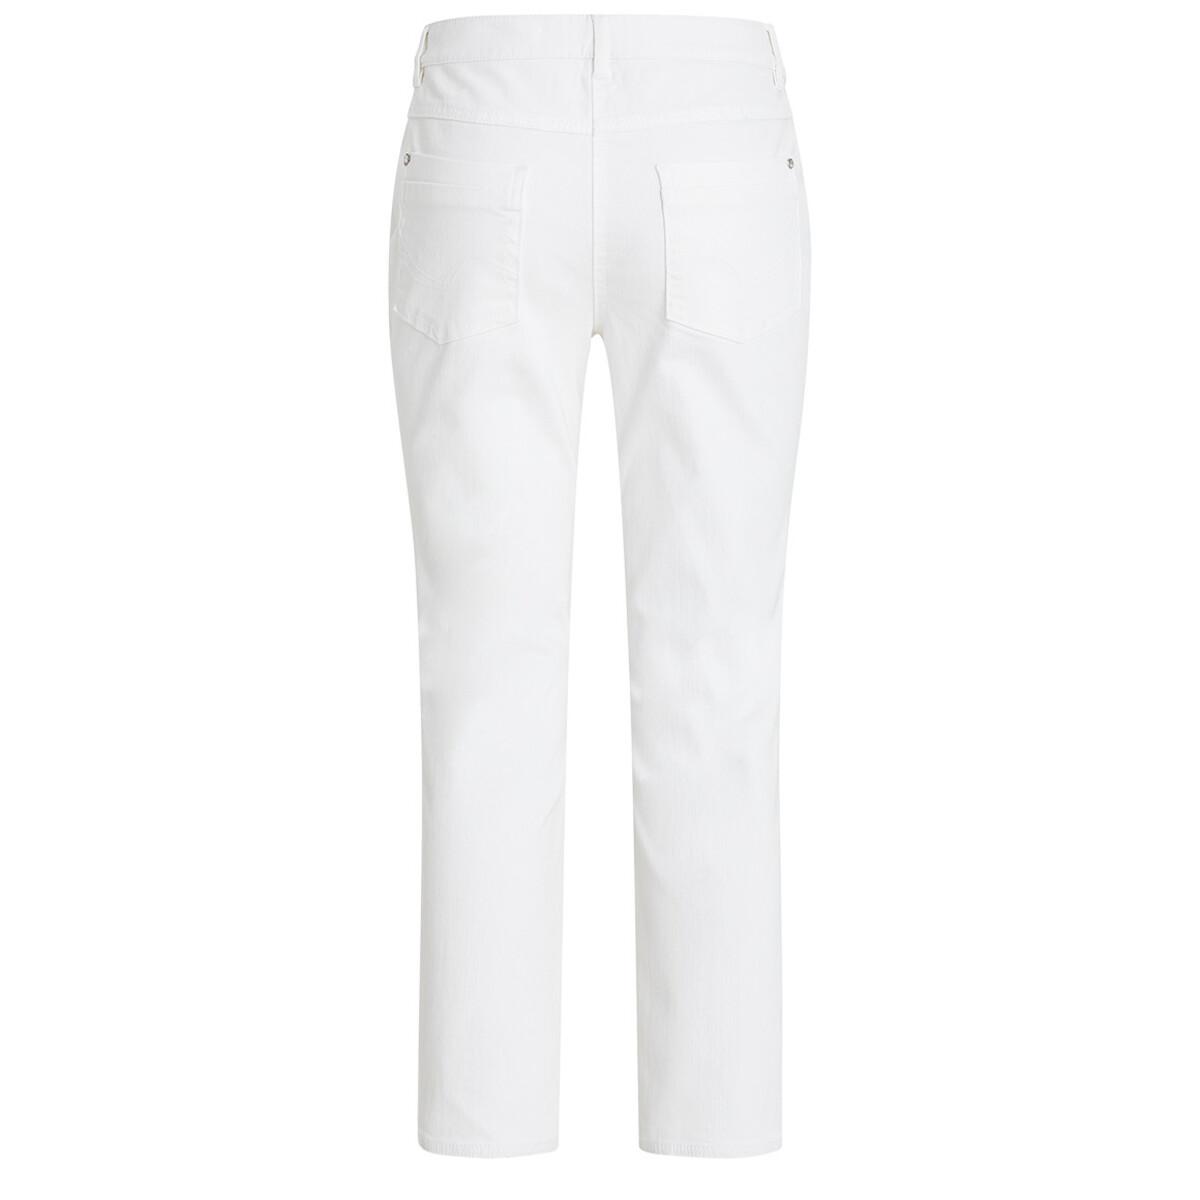 Bild 2 von 7/8 Damen Slim-Jeans mit Glitzerdetails